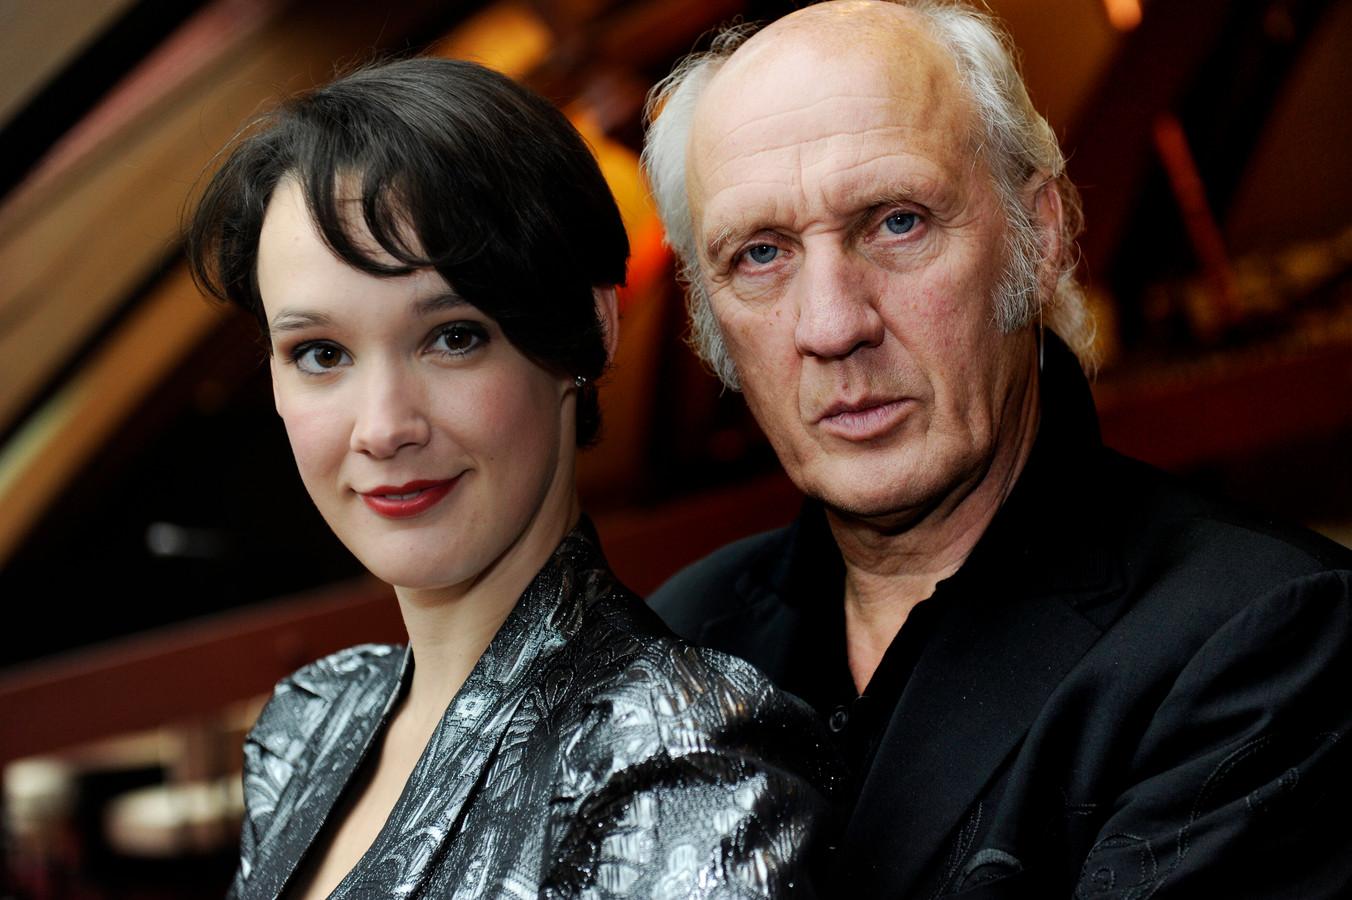 Eén affaire biechtte hij op aan zijn vrouw. Dertien jaar geleden hield Claes er een romance op na met Anne Van Veen, dochter van Herman Van Veen (rechts).